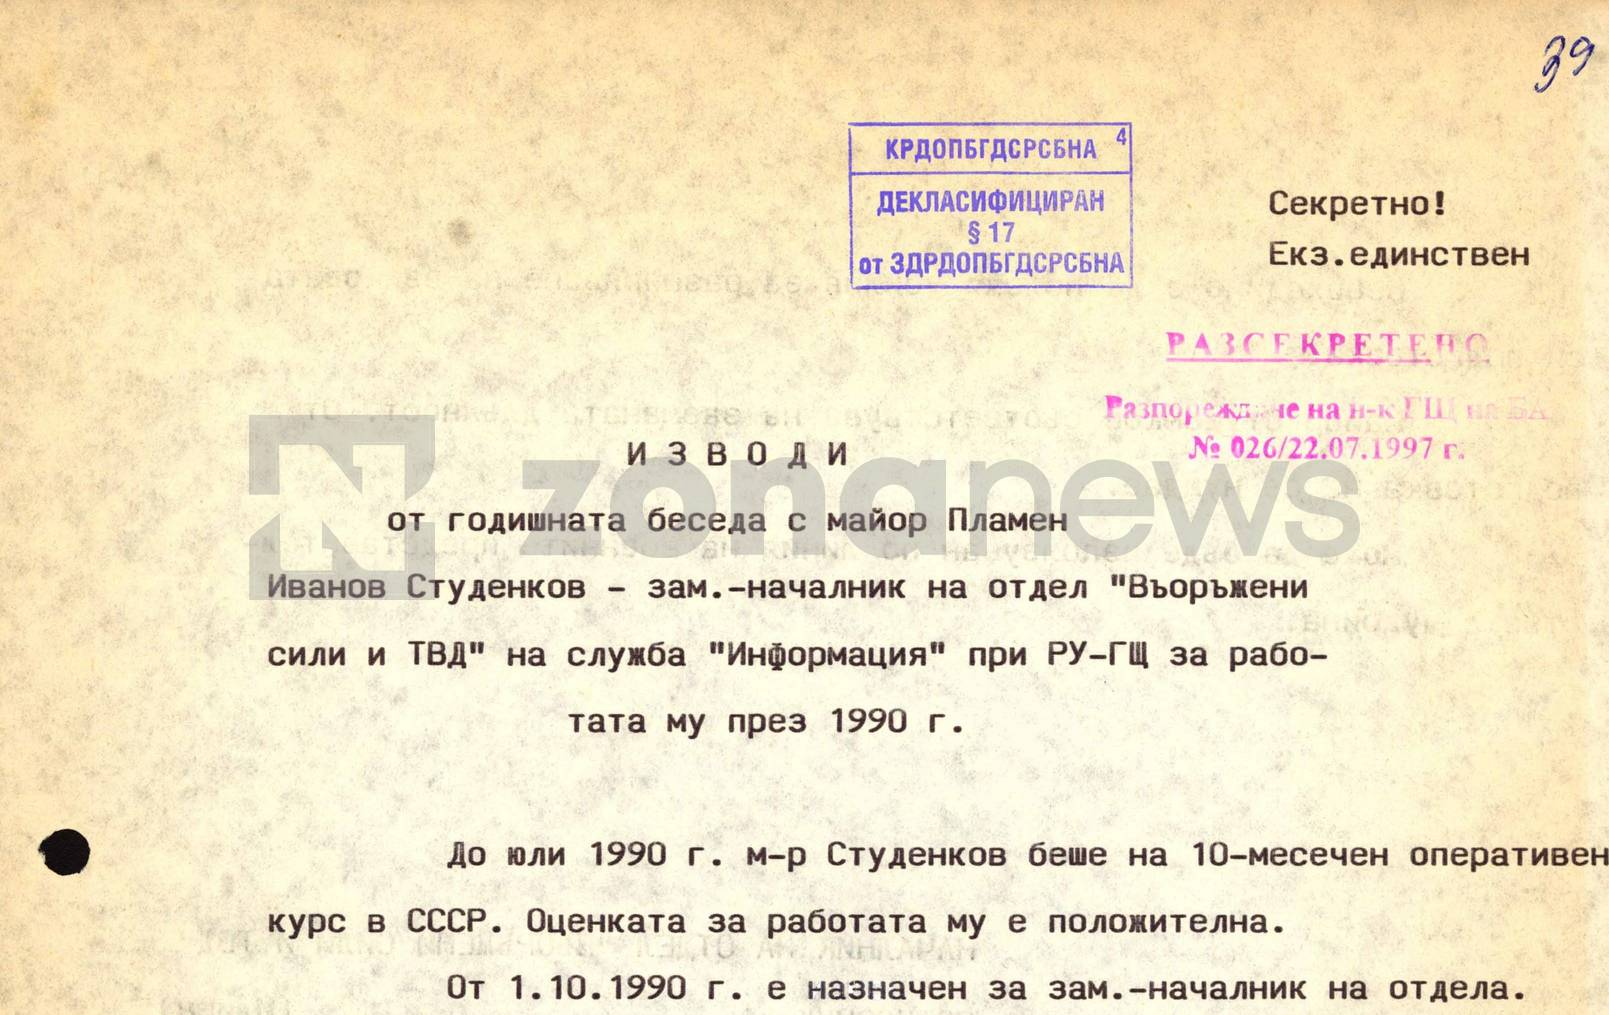 Пламен Студенков се завръща от 10-месечния курс в ГРУ през юли 1990 г.